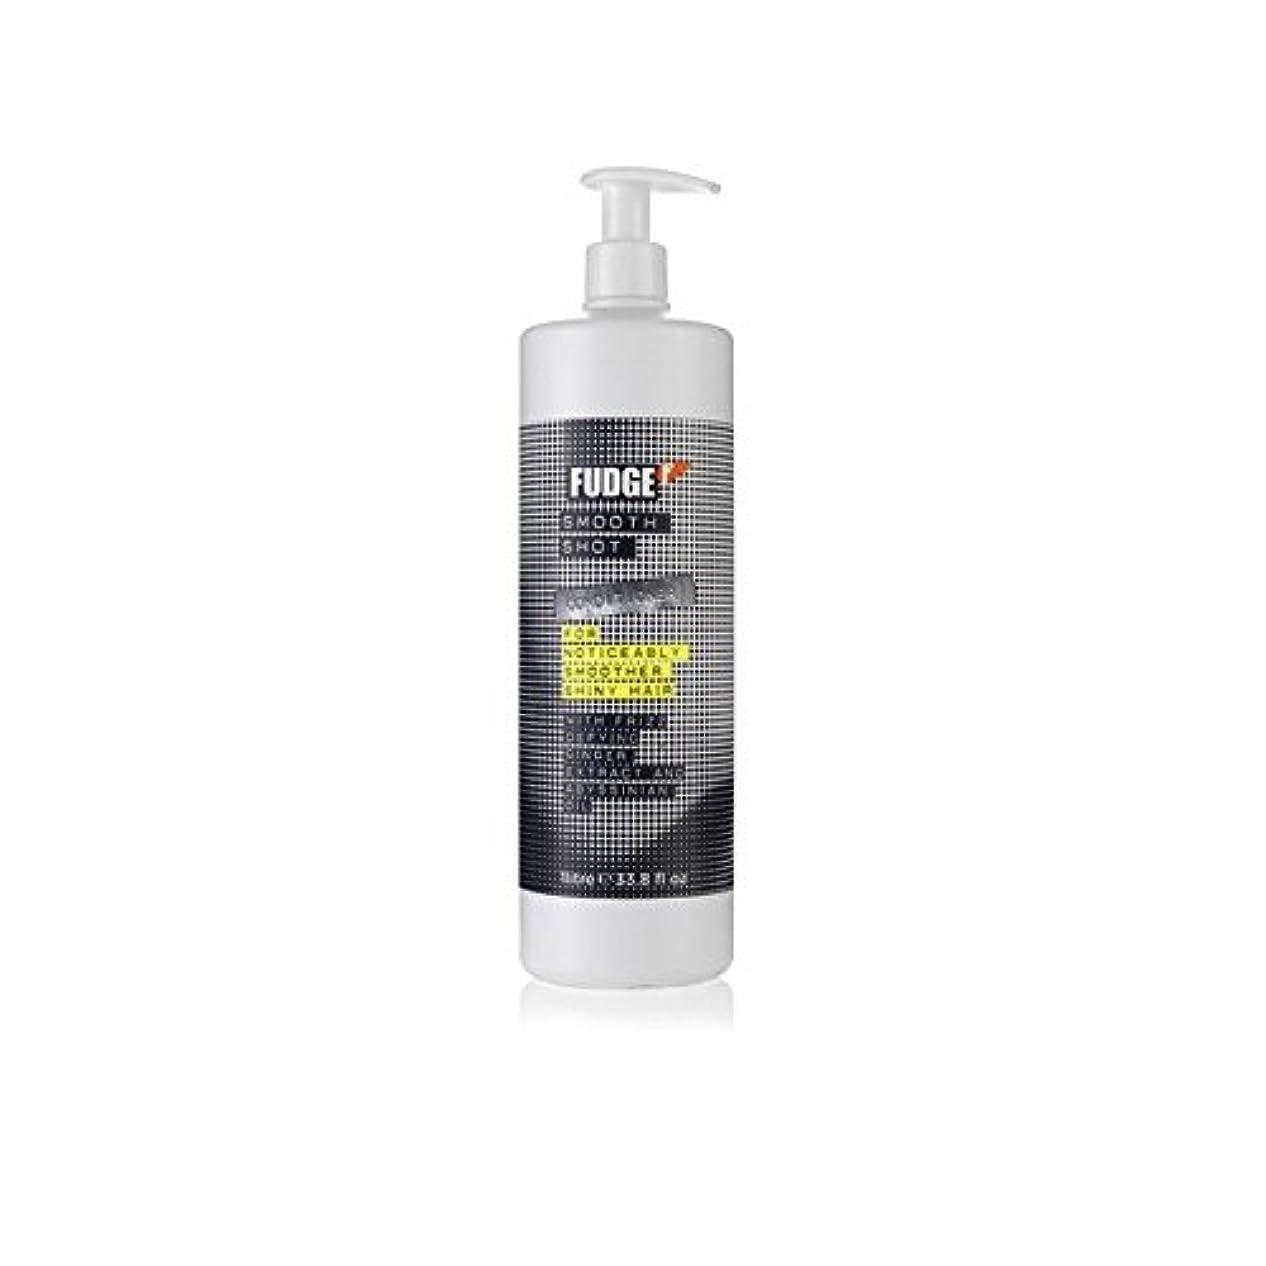 全能広々さわやかファッジスムーズなショットシャンプー(千ミリリットル) x2 - Fudge Smooth Shot Shampoo (1000ml) (Pack of 2) [並行輸入品]